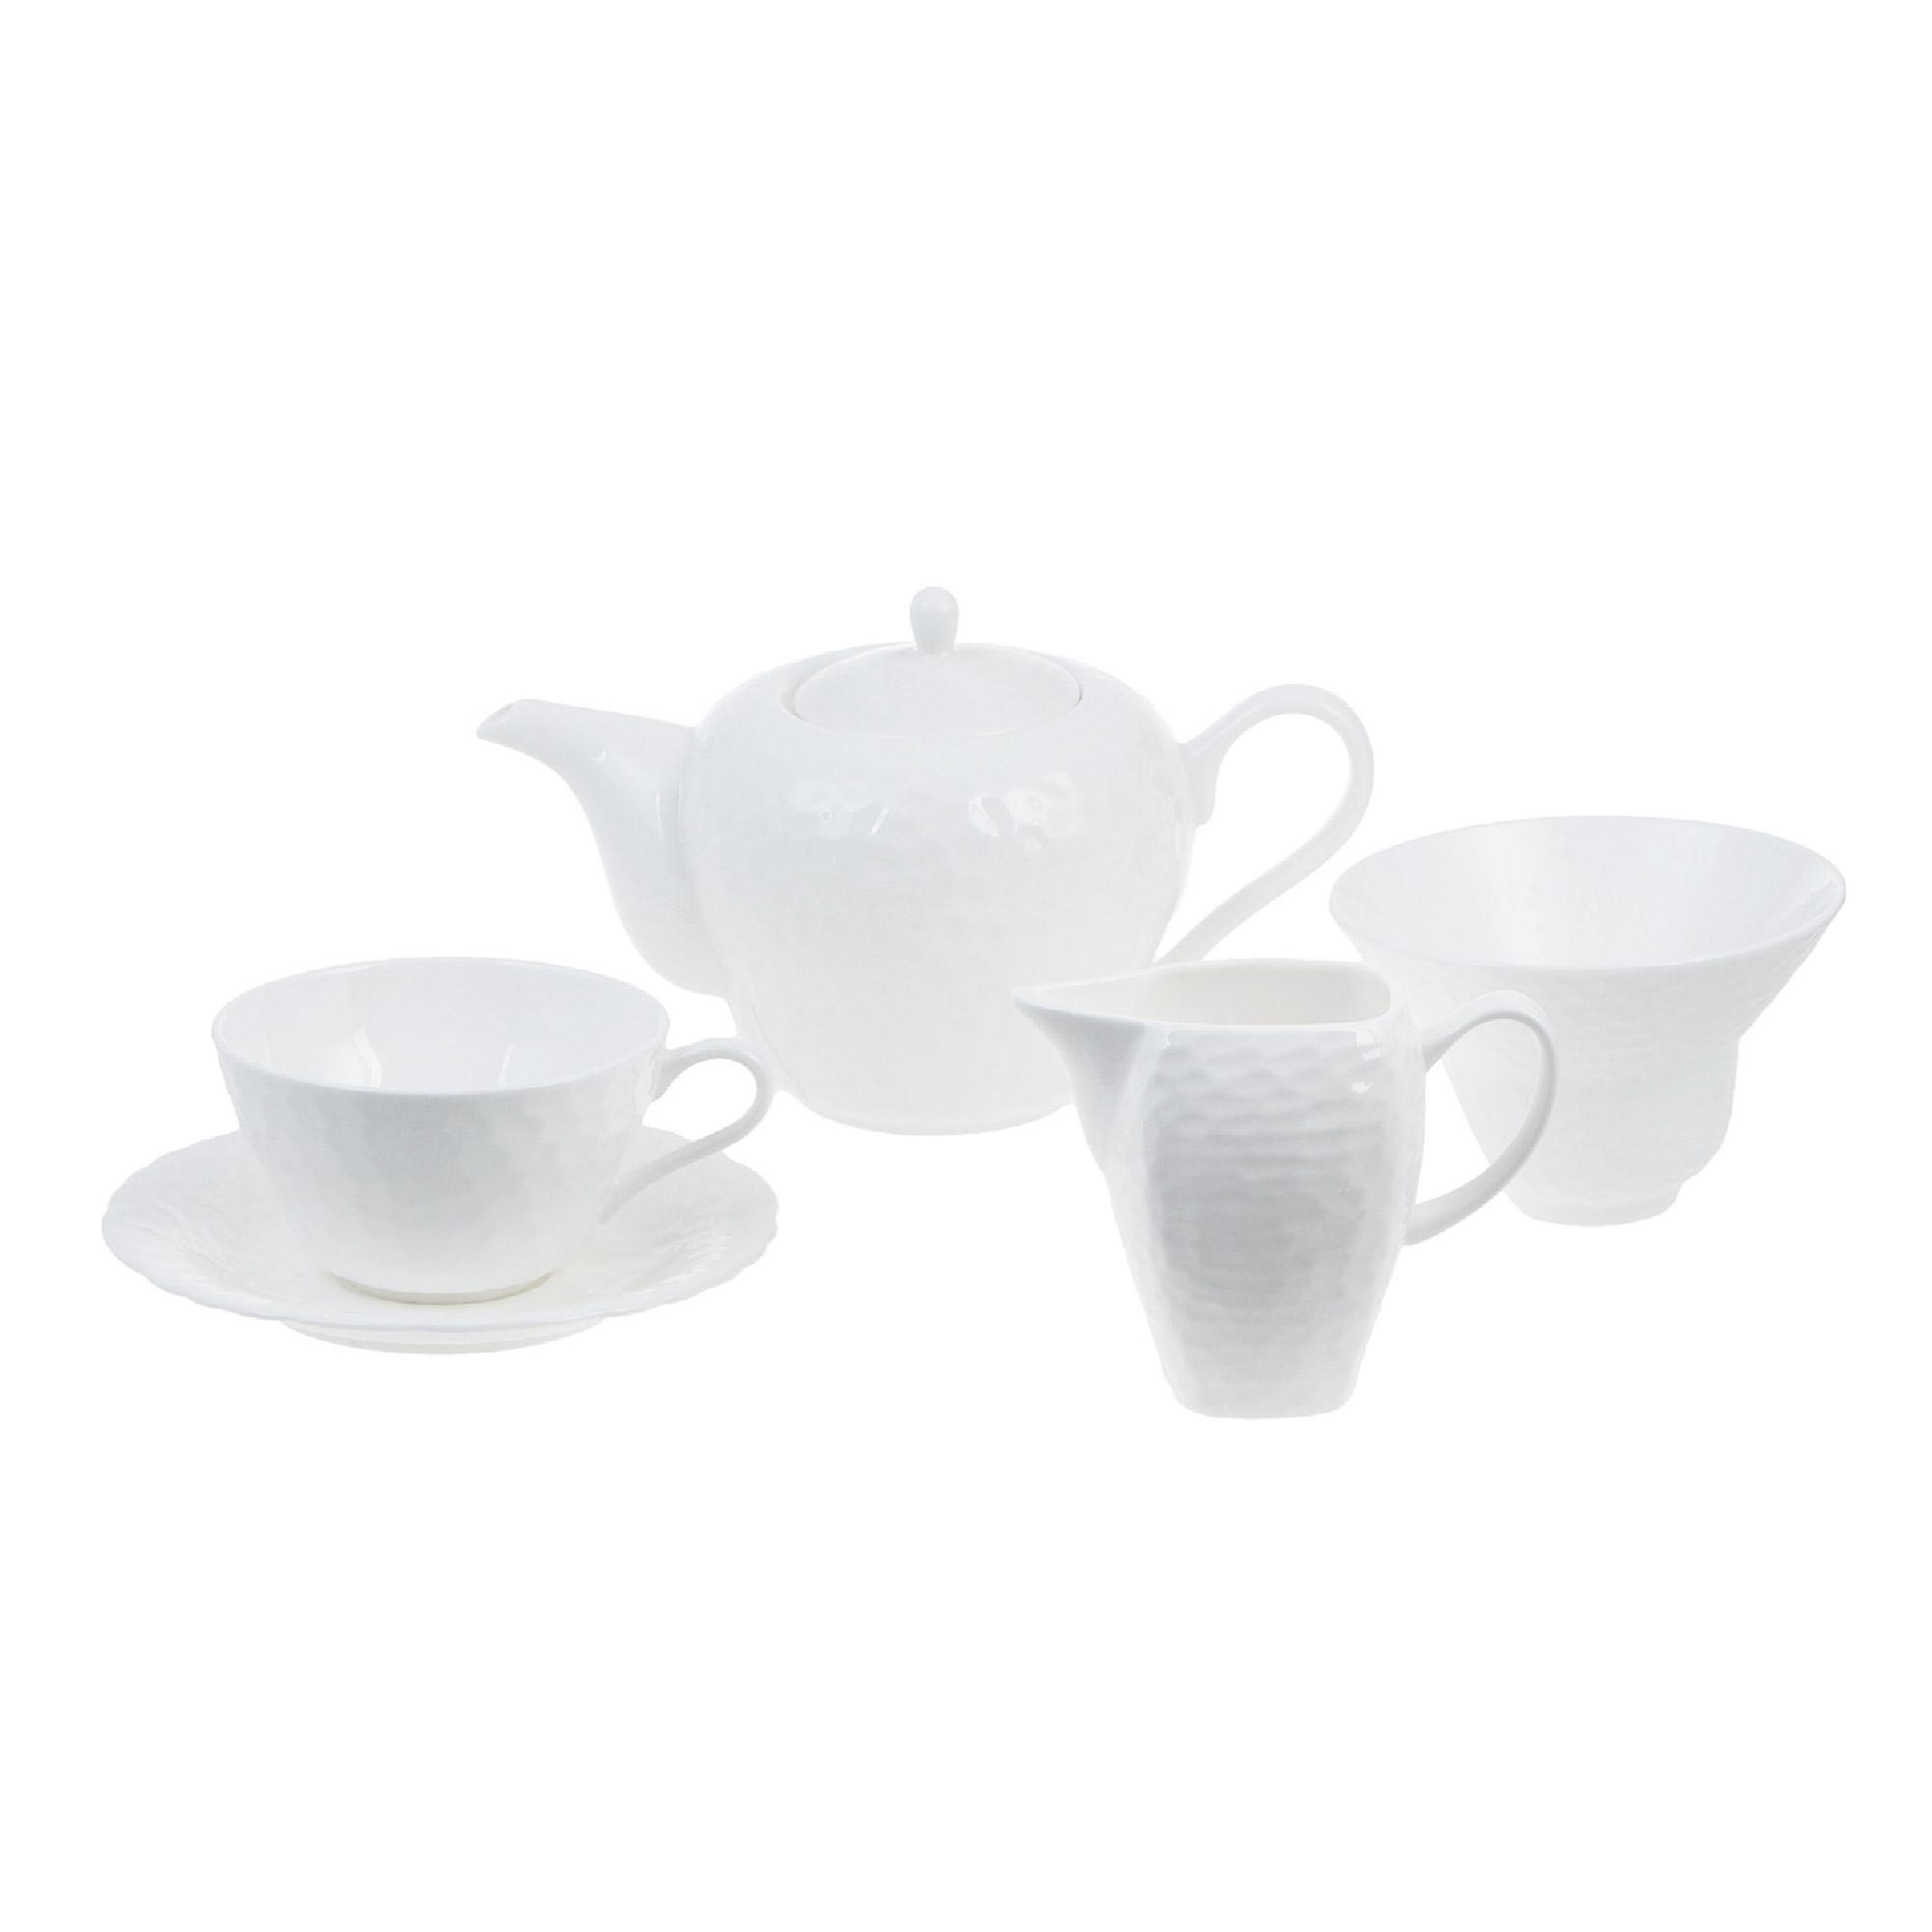 Сервиз чайный Топ арт студио гармония 15 предметов